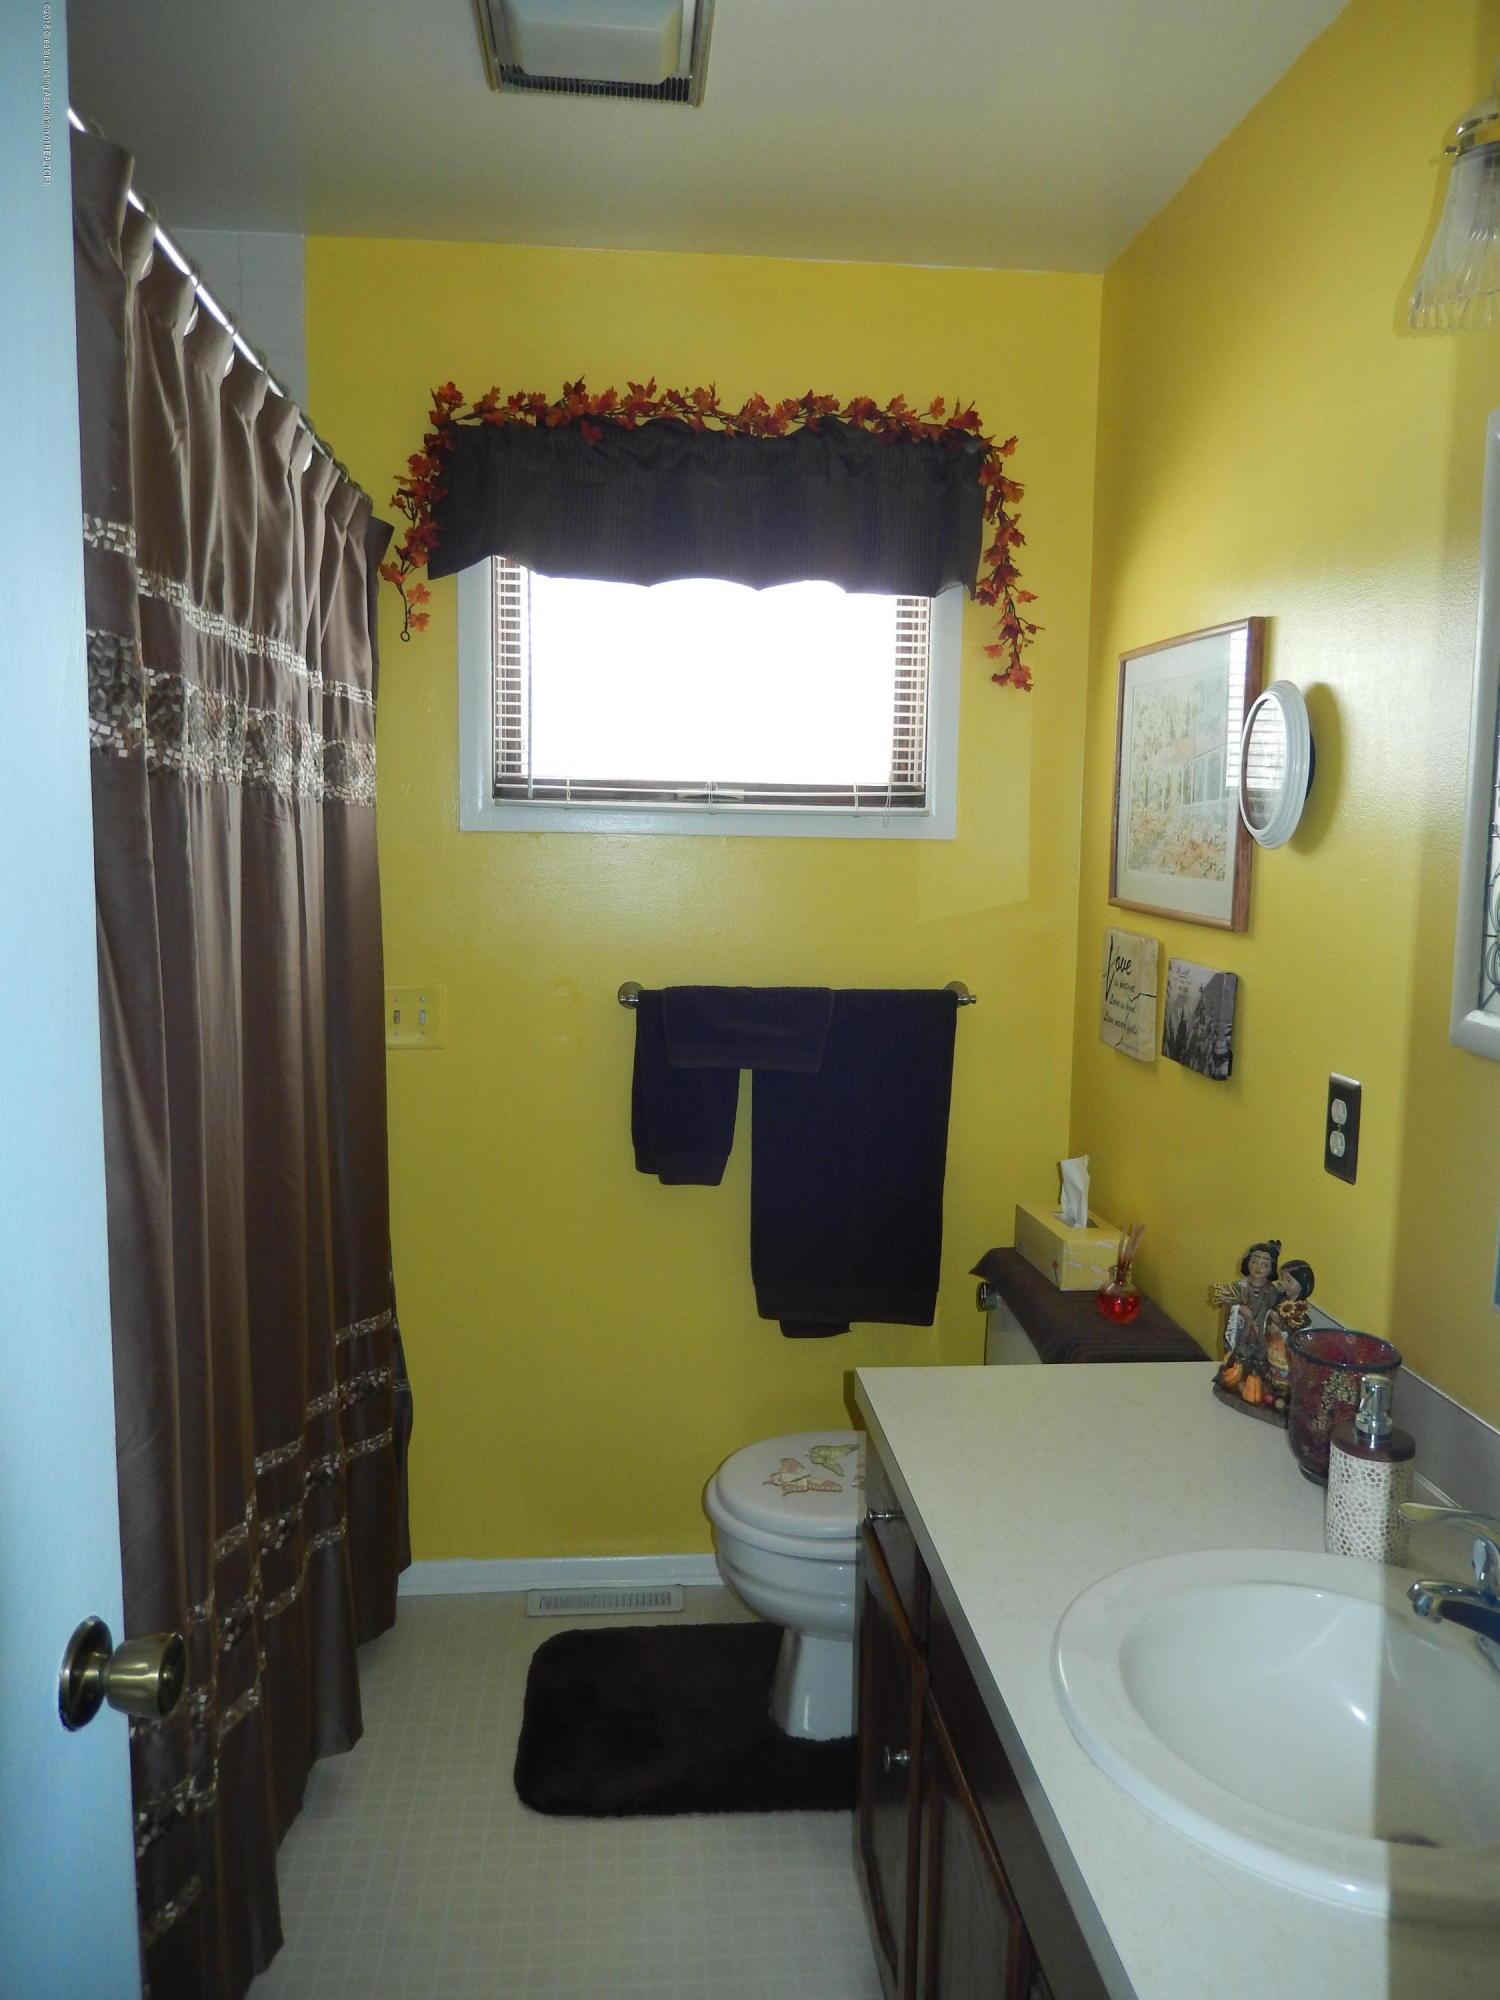 2809 N Canal Rd - Bathroom - 14